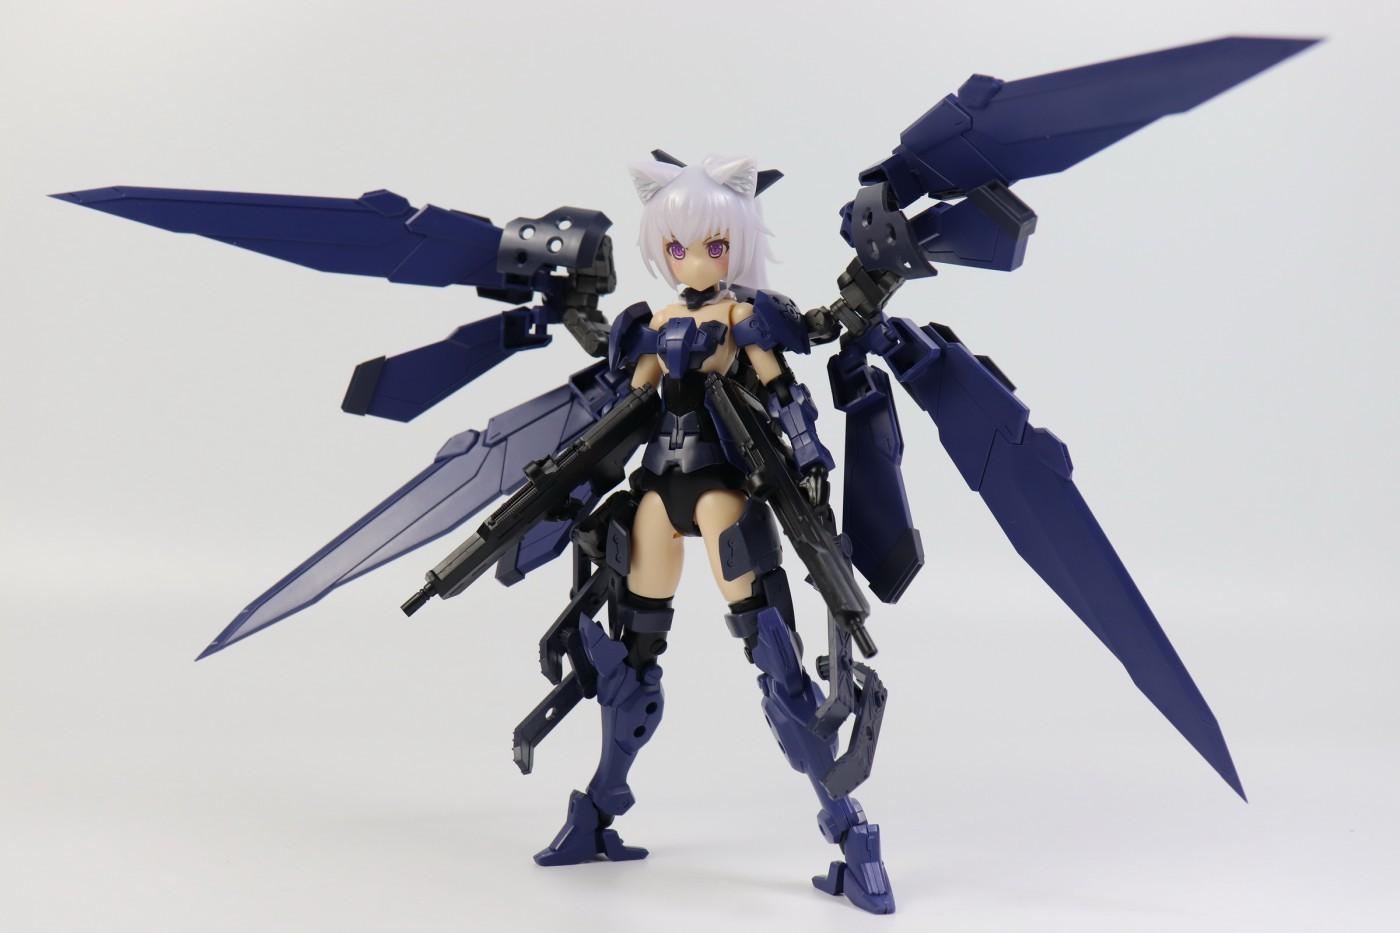 S273_Pretty_Armor_inask_076.jpg